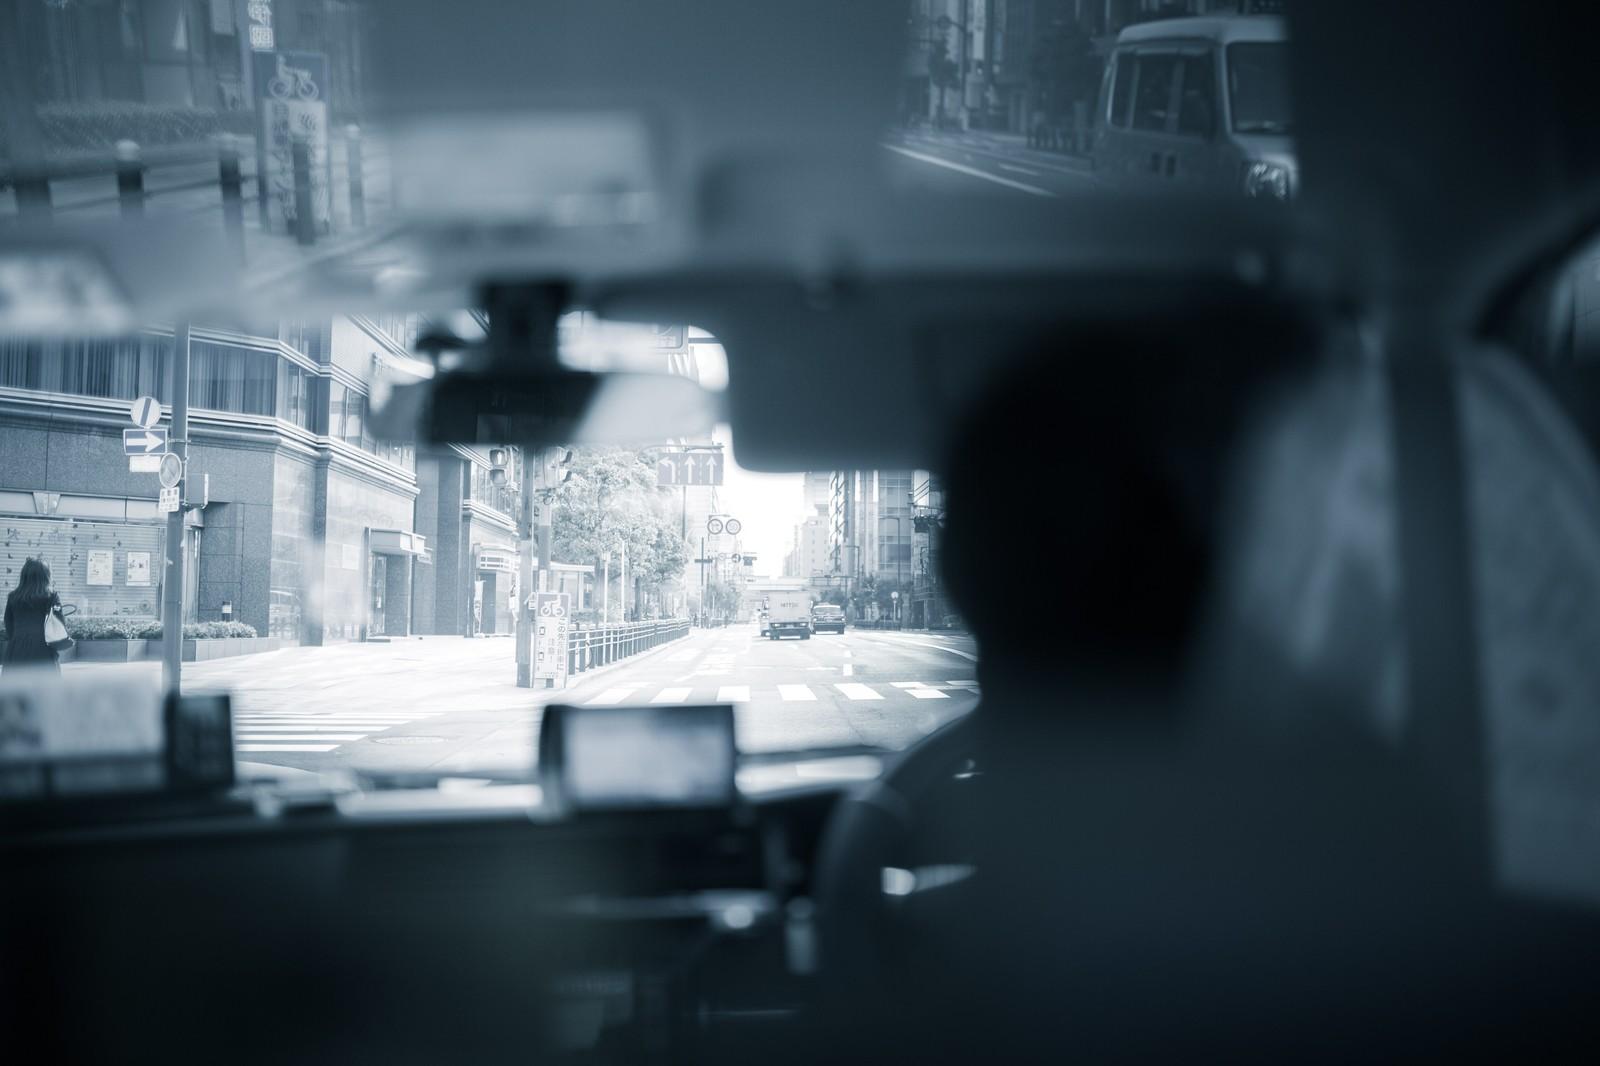 タクシー初乗り料金の値下げはいつから変わるの?長距離だと高くなる理由は?